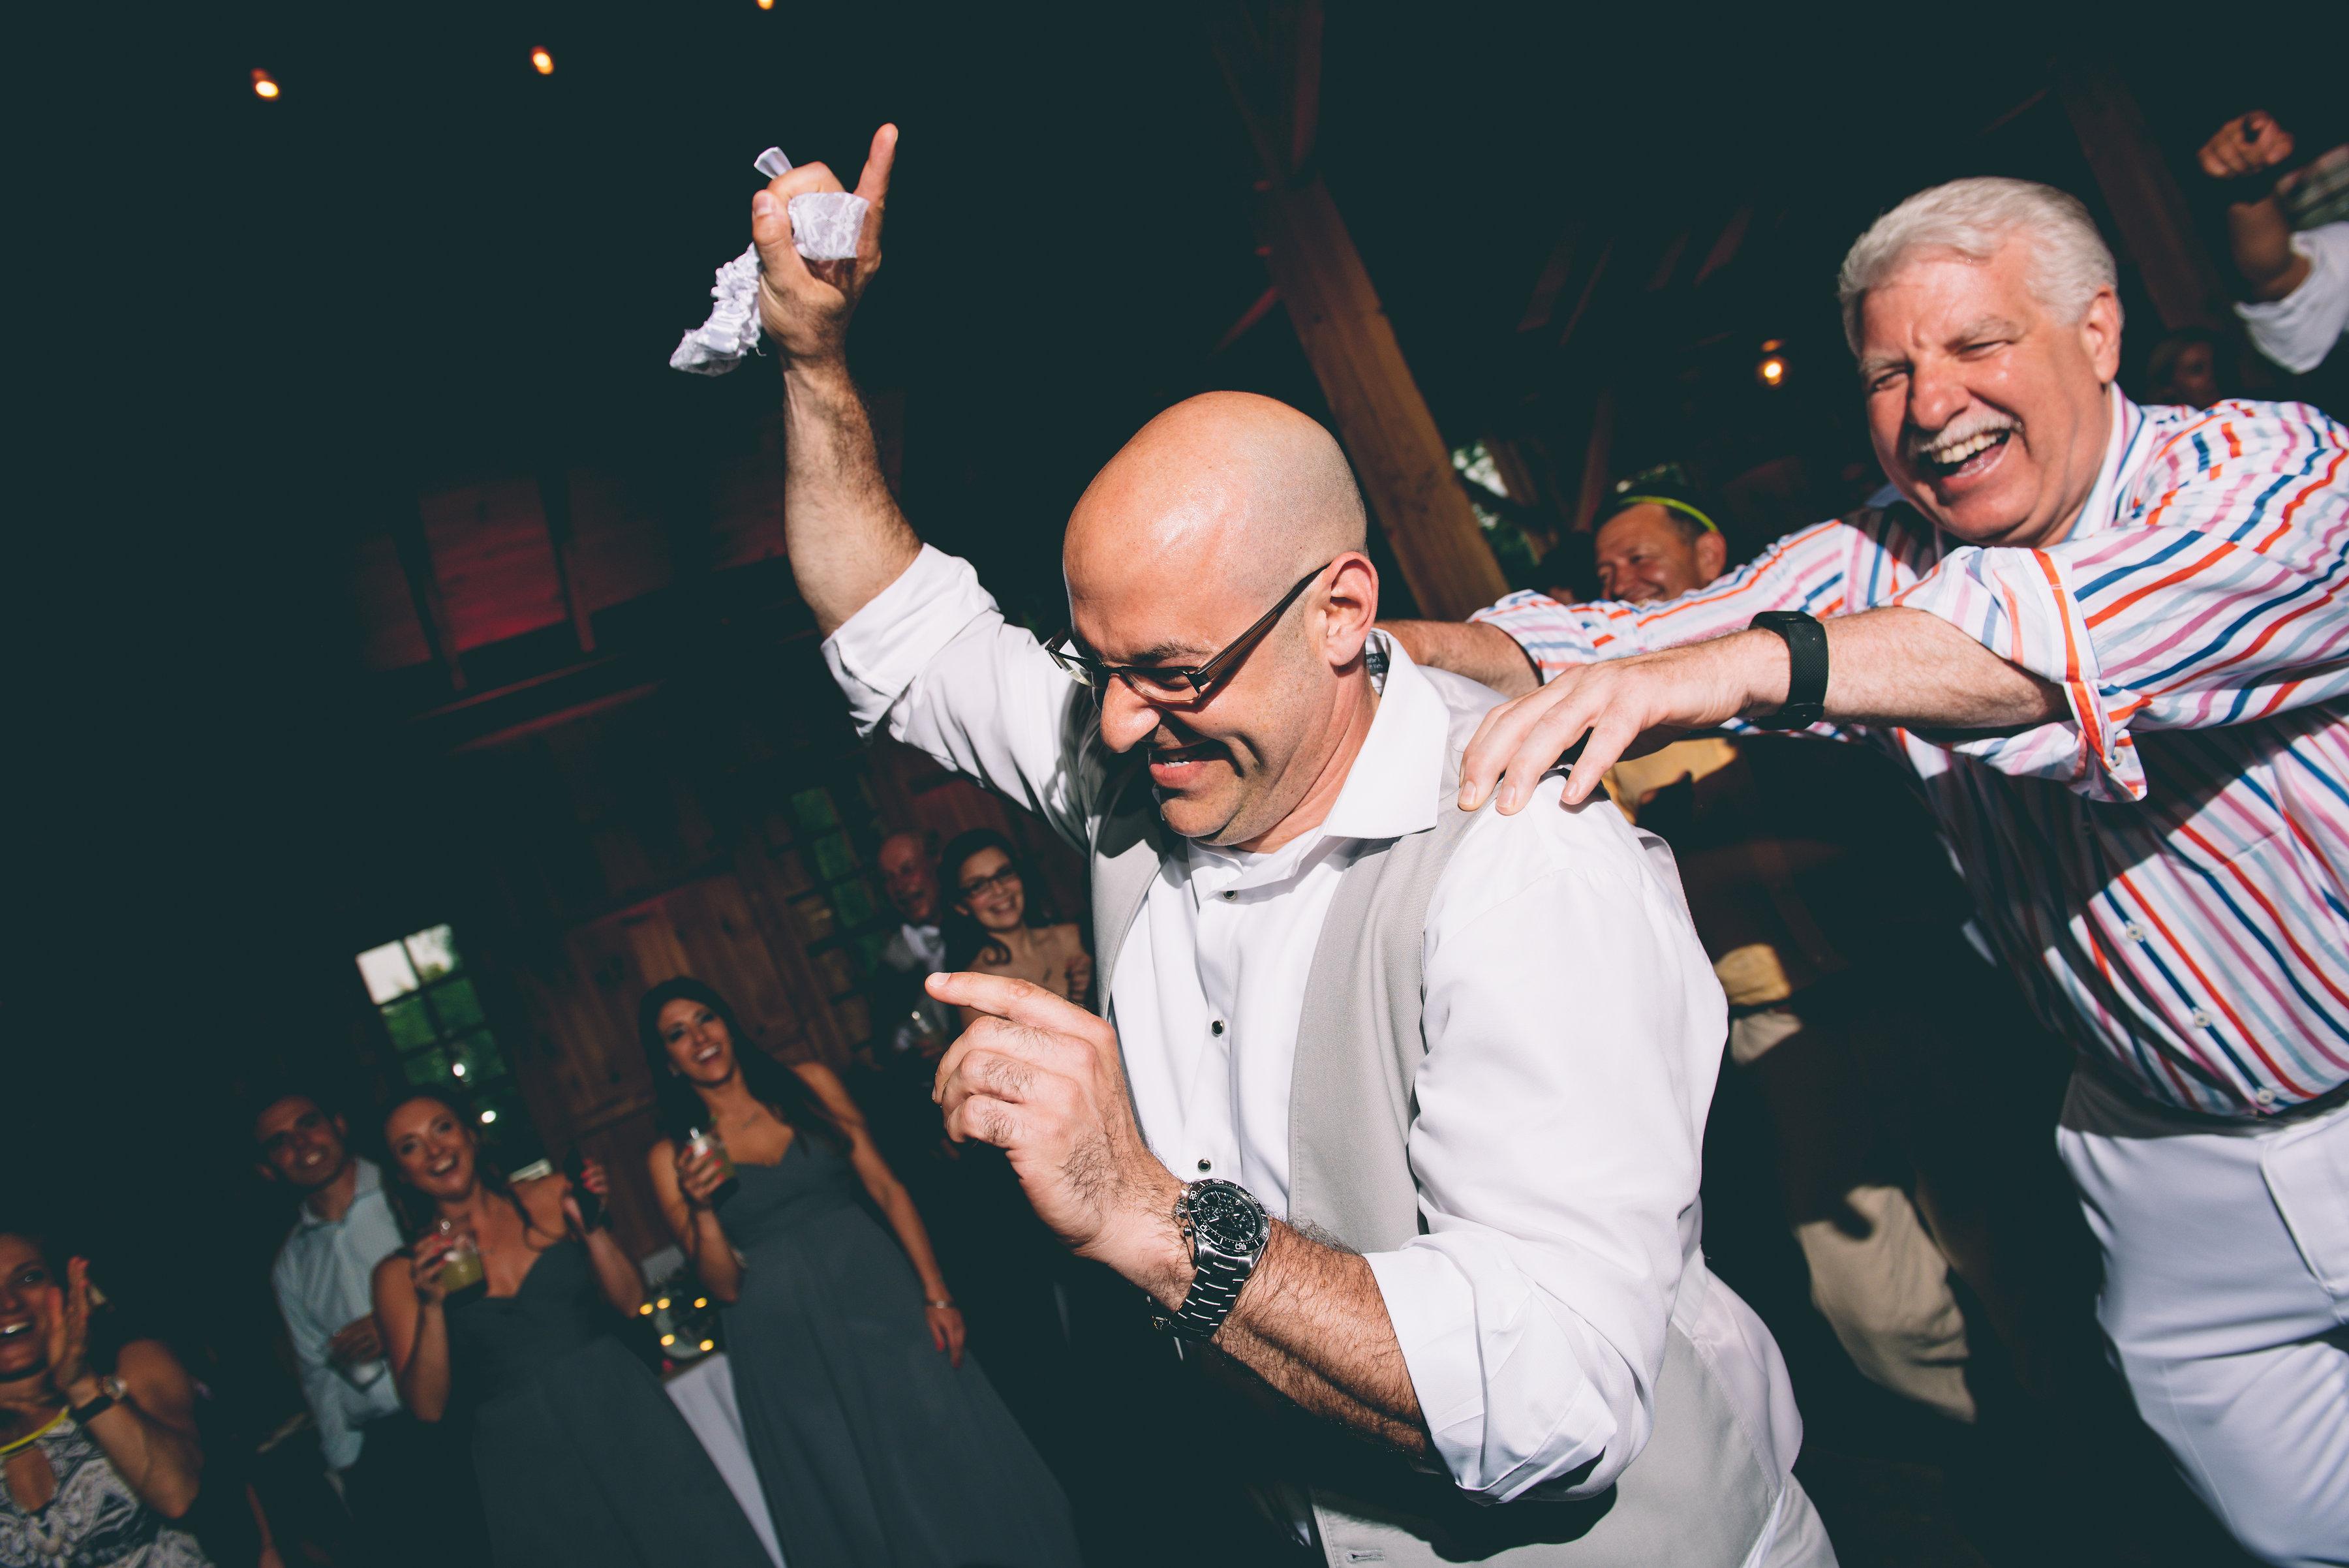 Wedding DJ in Baltimore